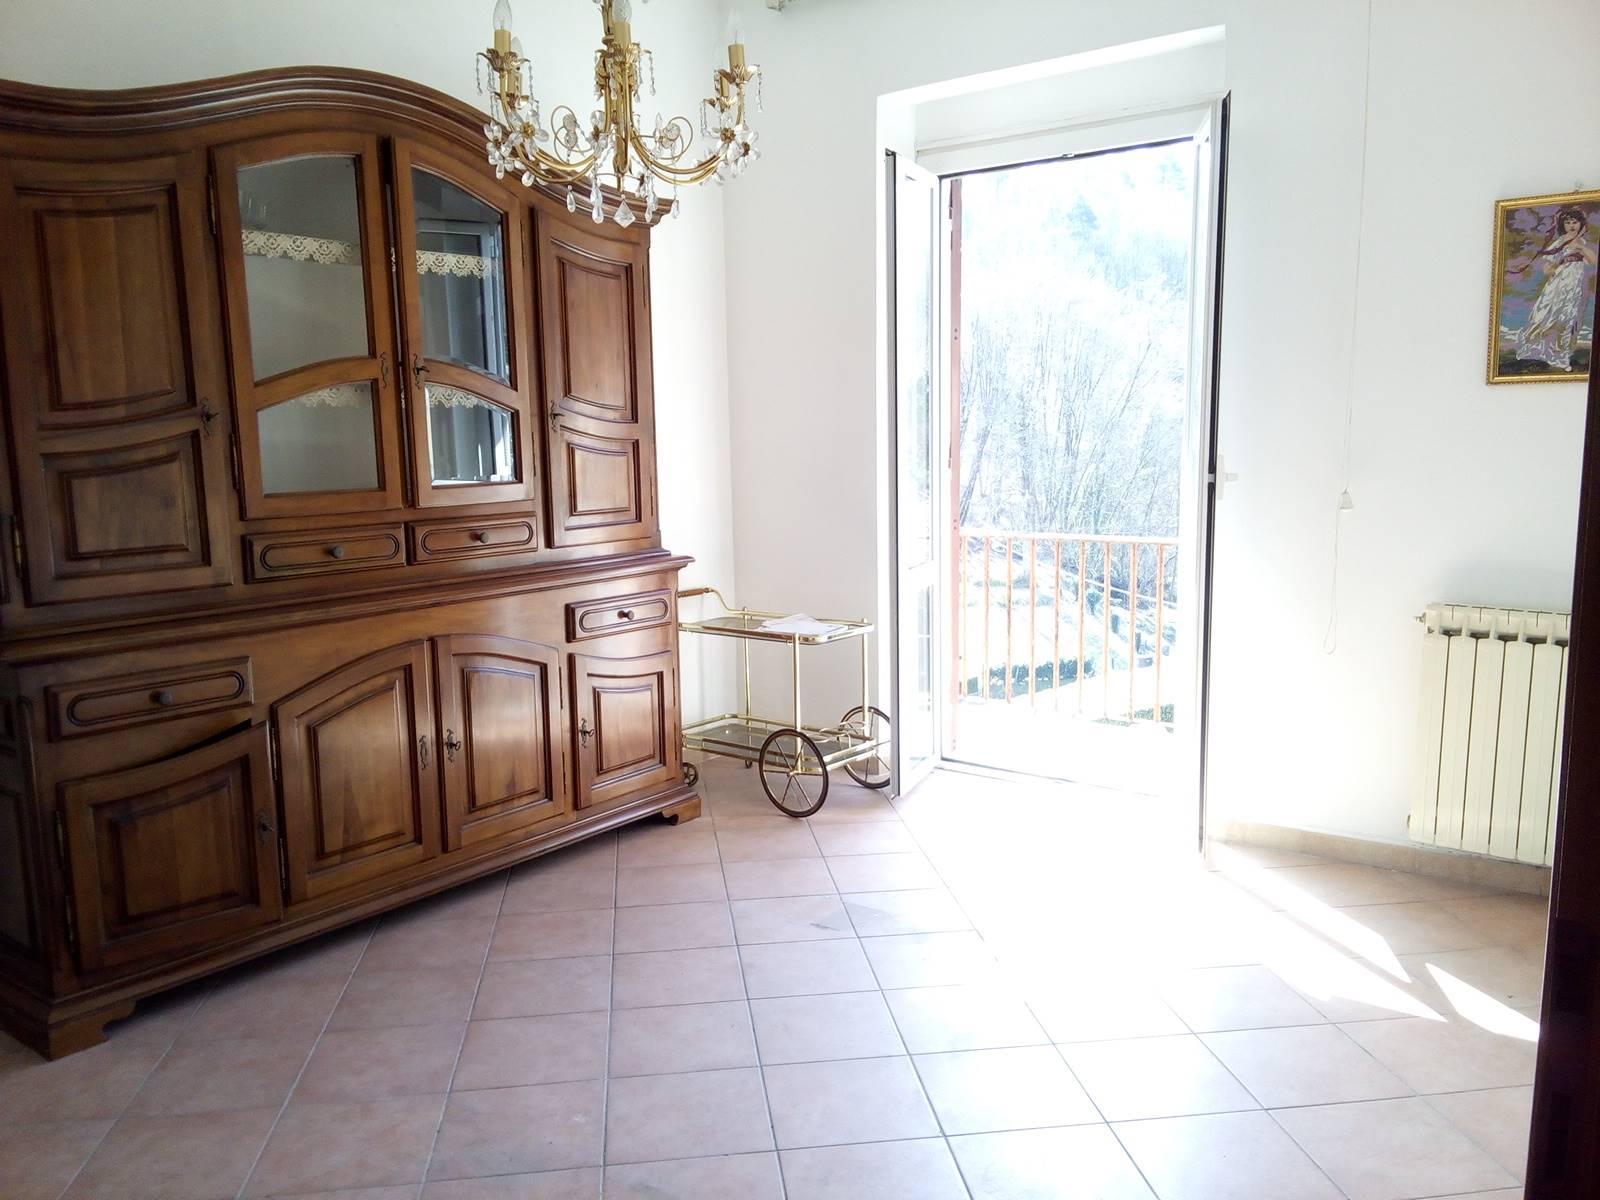 Appartamento in vendita a Riccò del Golfo di Spezia, 4 locali, zona Benedetto, prezzo € 115.000   PortaleAgenzieImmobiliari.it